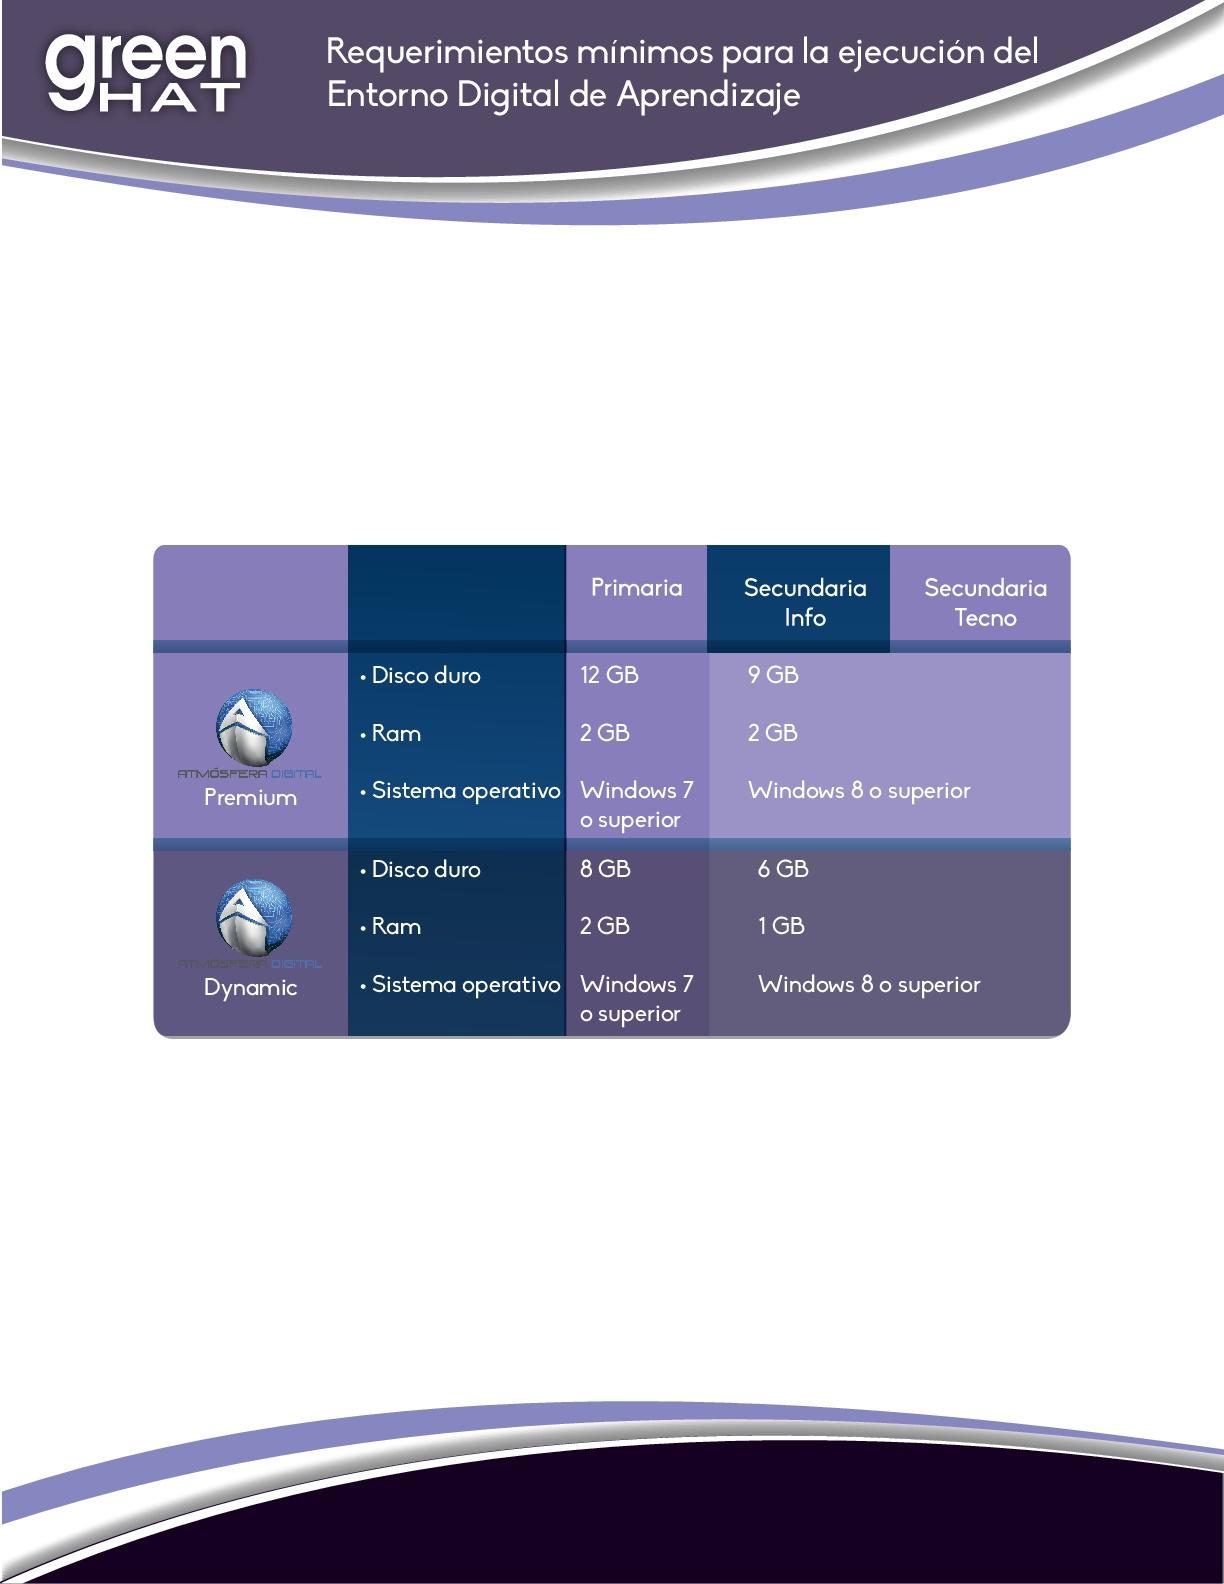 requerimientos-minimos-sw-002